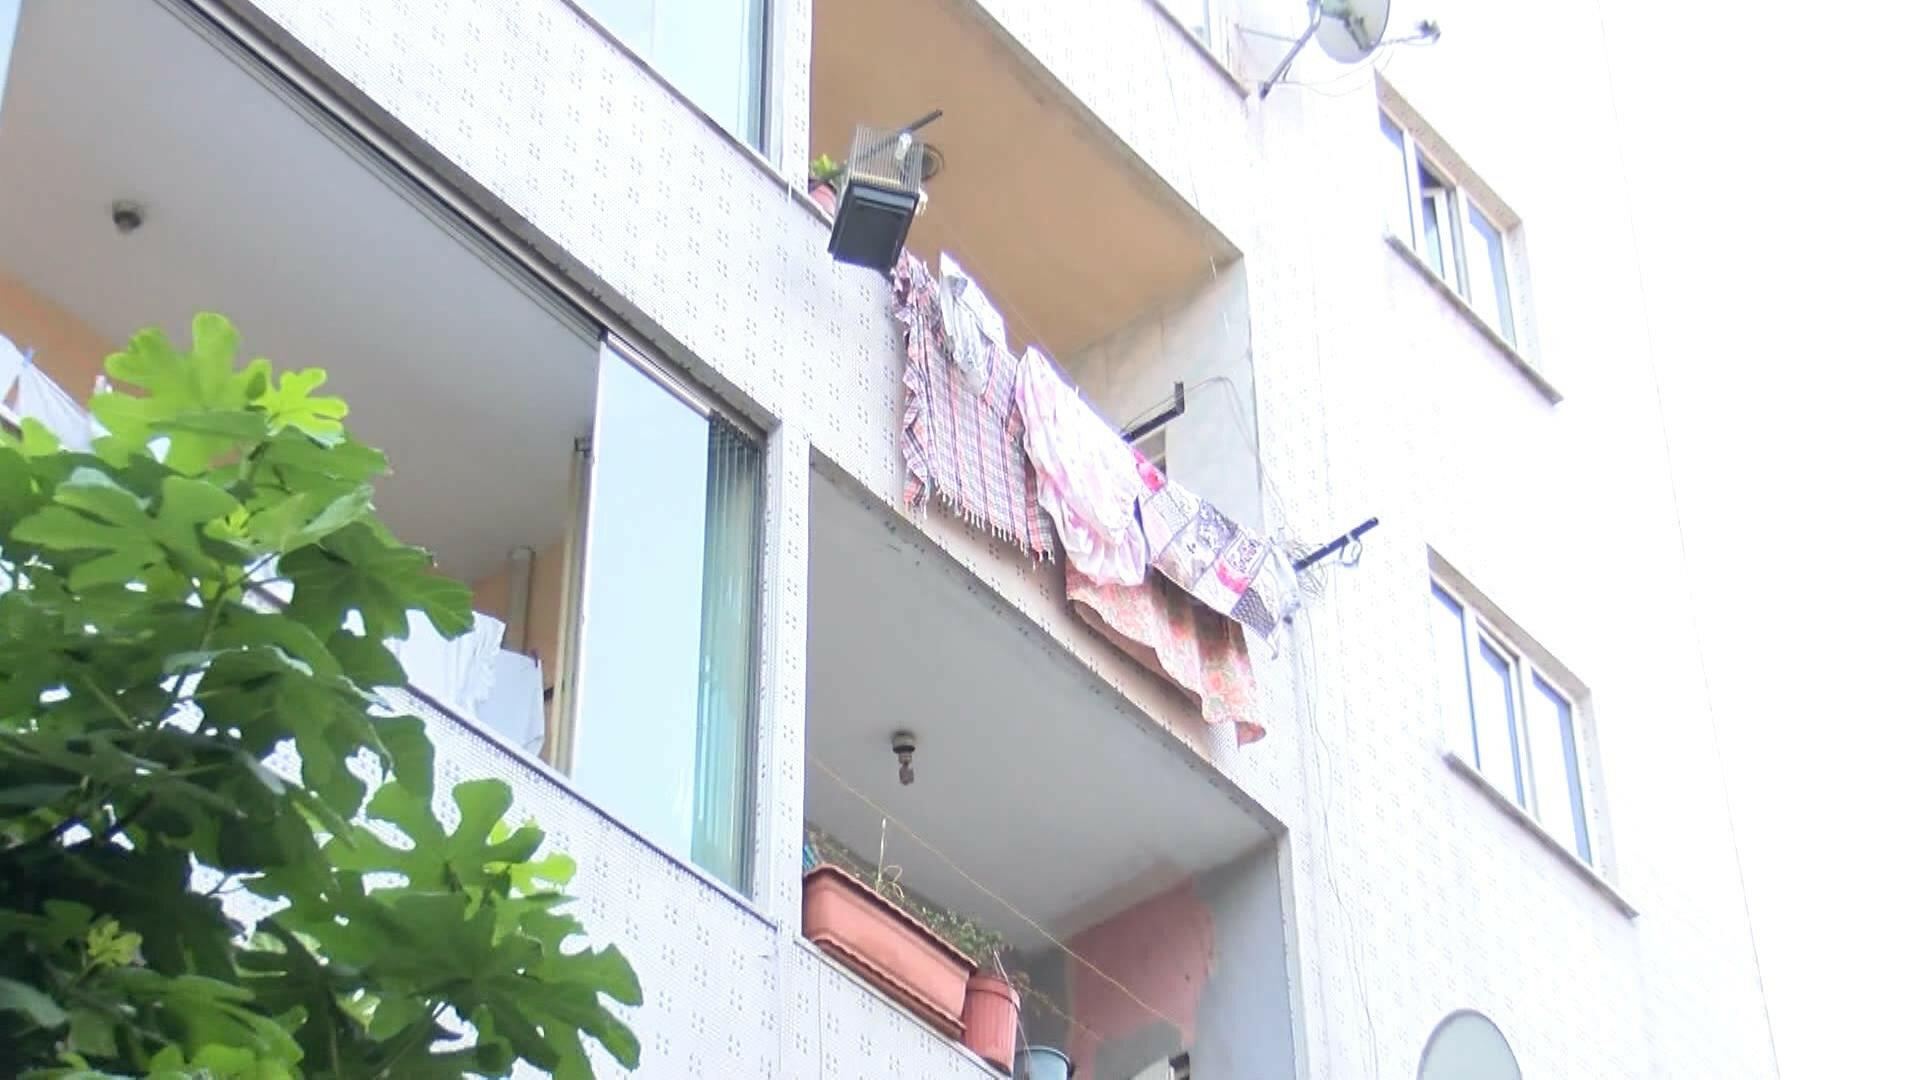 أب سوري يعلق طفله في سقف المنزل ويقوم بضـ.ـ ربه بشكل مبـ.ـ رح في مدينة اسطنبول (فيديو)